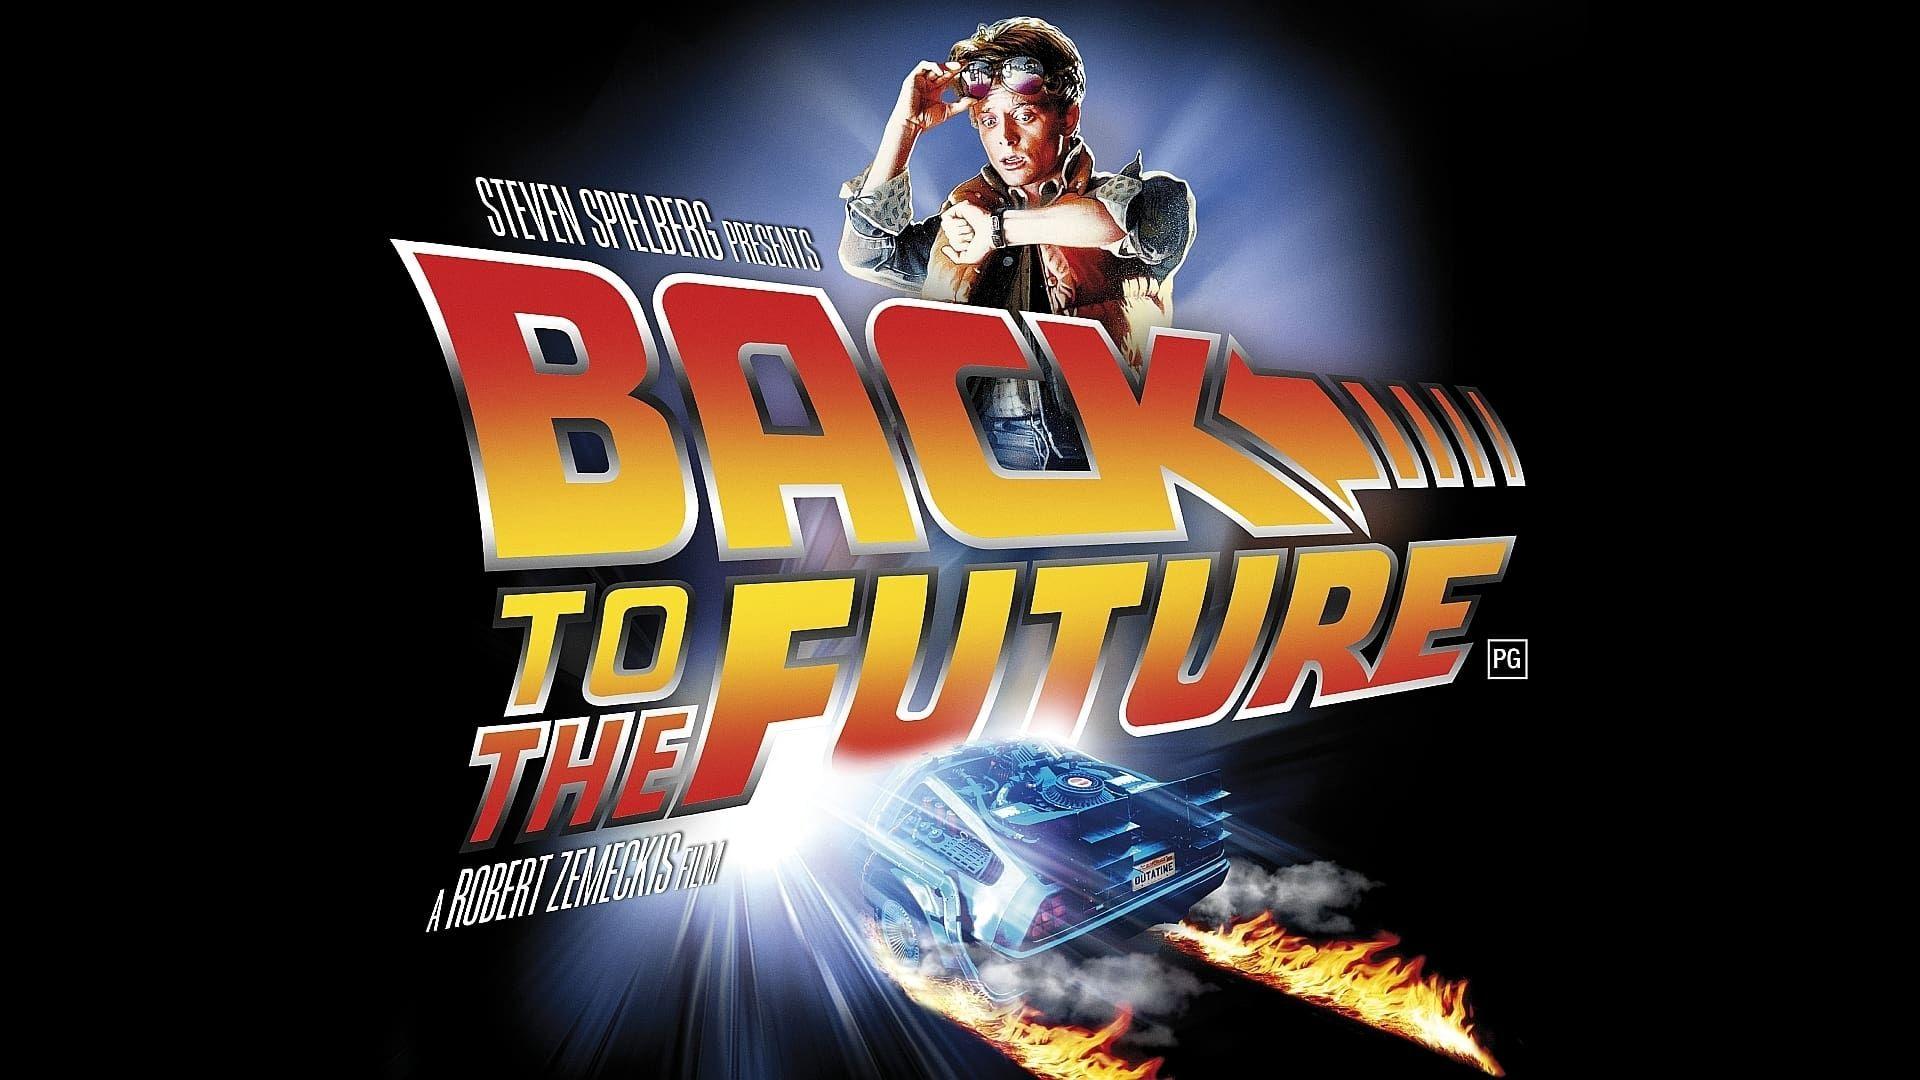 Voir Retour Vers Le Futur 1985 En Ligne Gratuitement En Telechargement Complet Hd Voir Retour Vers Le Futur 1985 Ritorno Al Futuro Marty Mcfly Cinema